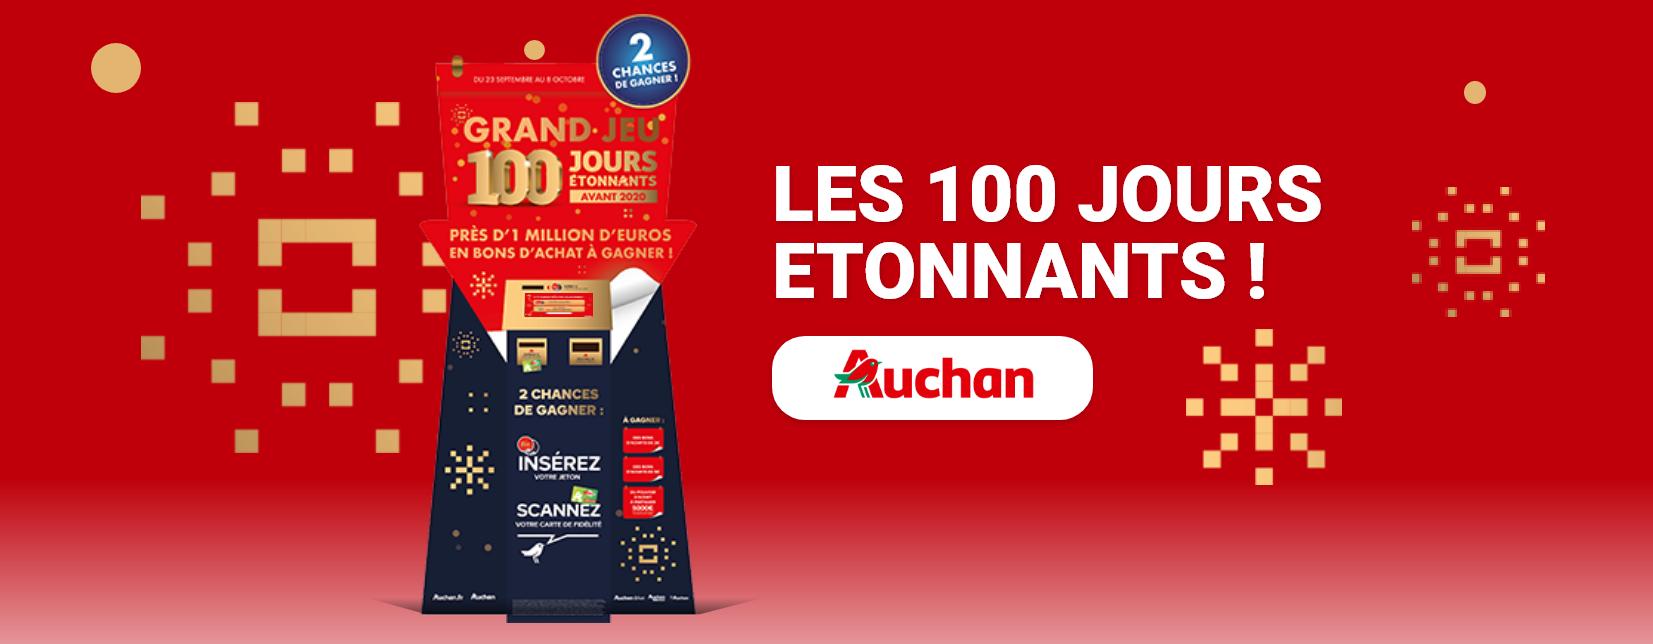 Les 100 jours Auchan - Bornes de jeu